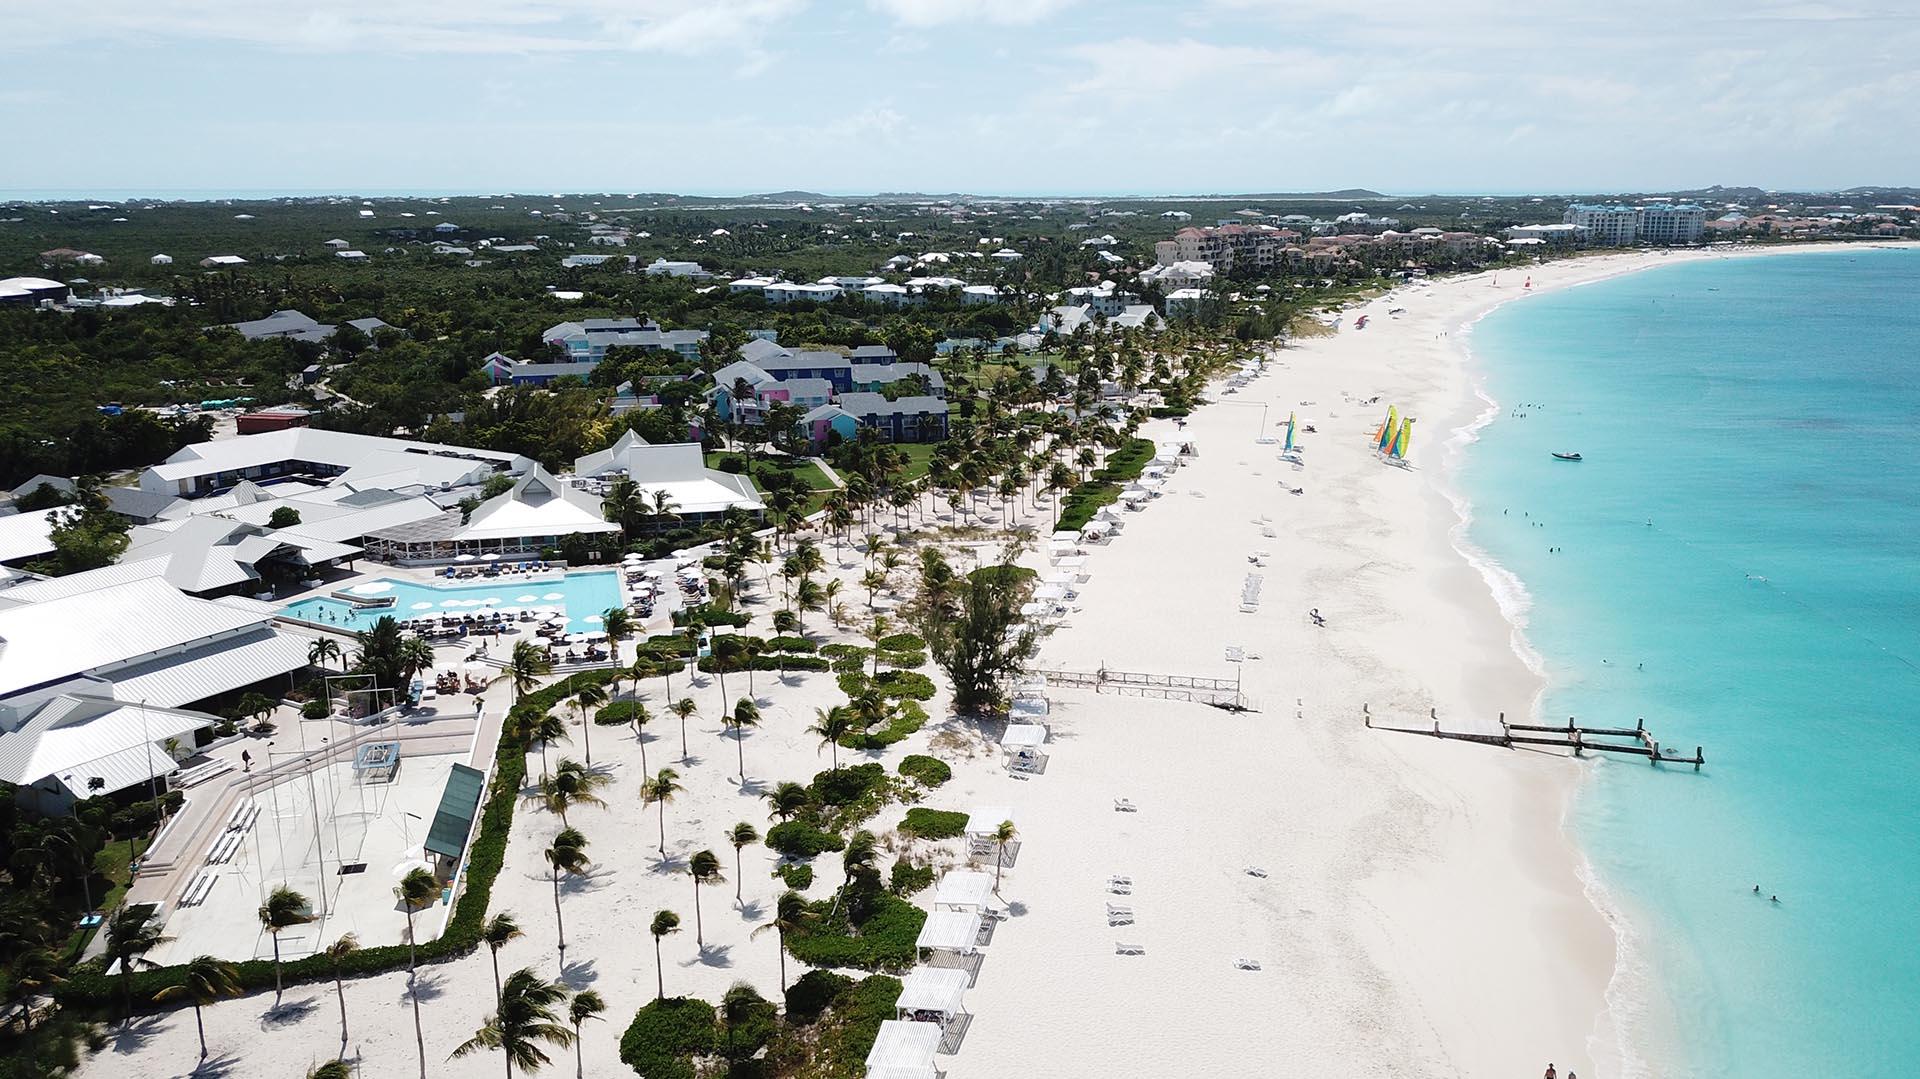 La amabilidad de sus habitantes, la riqueza de la fauna, y las hermosas playas bajo el sol caribeño son la definición de un edén perfecto